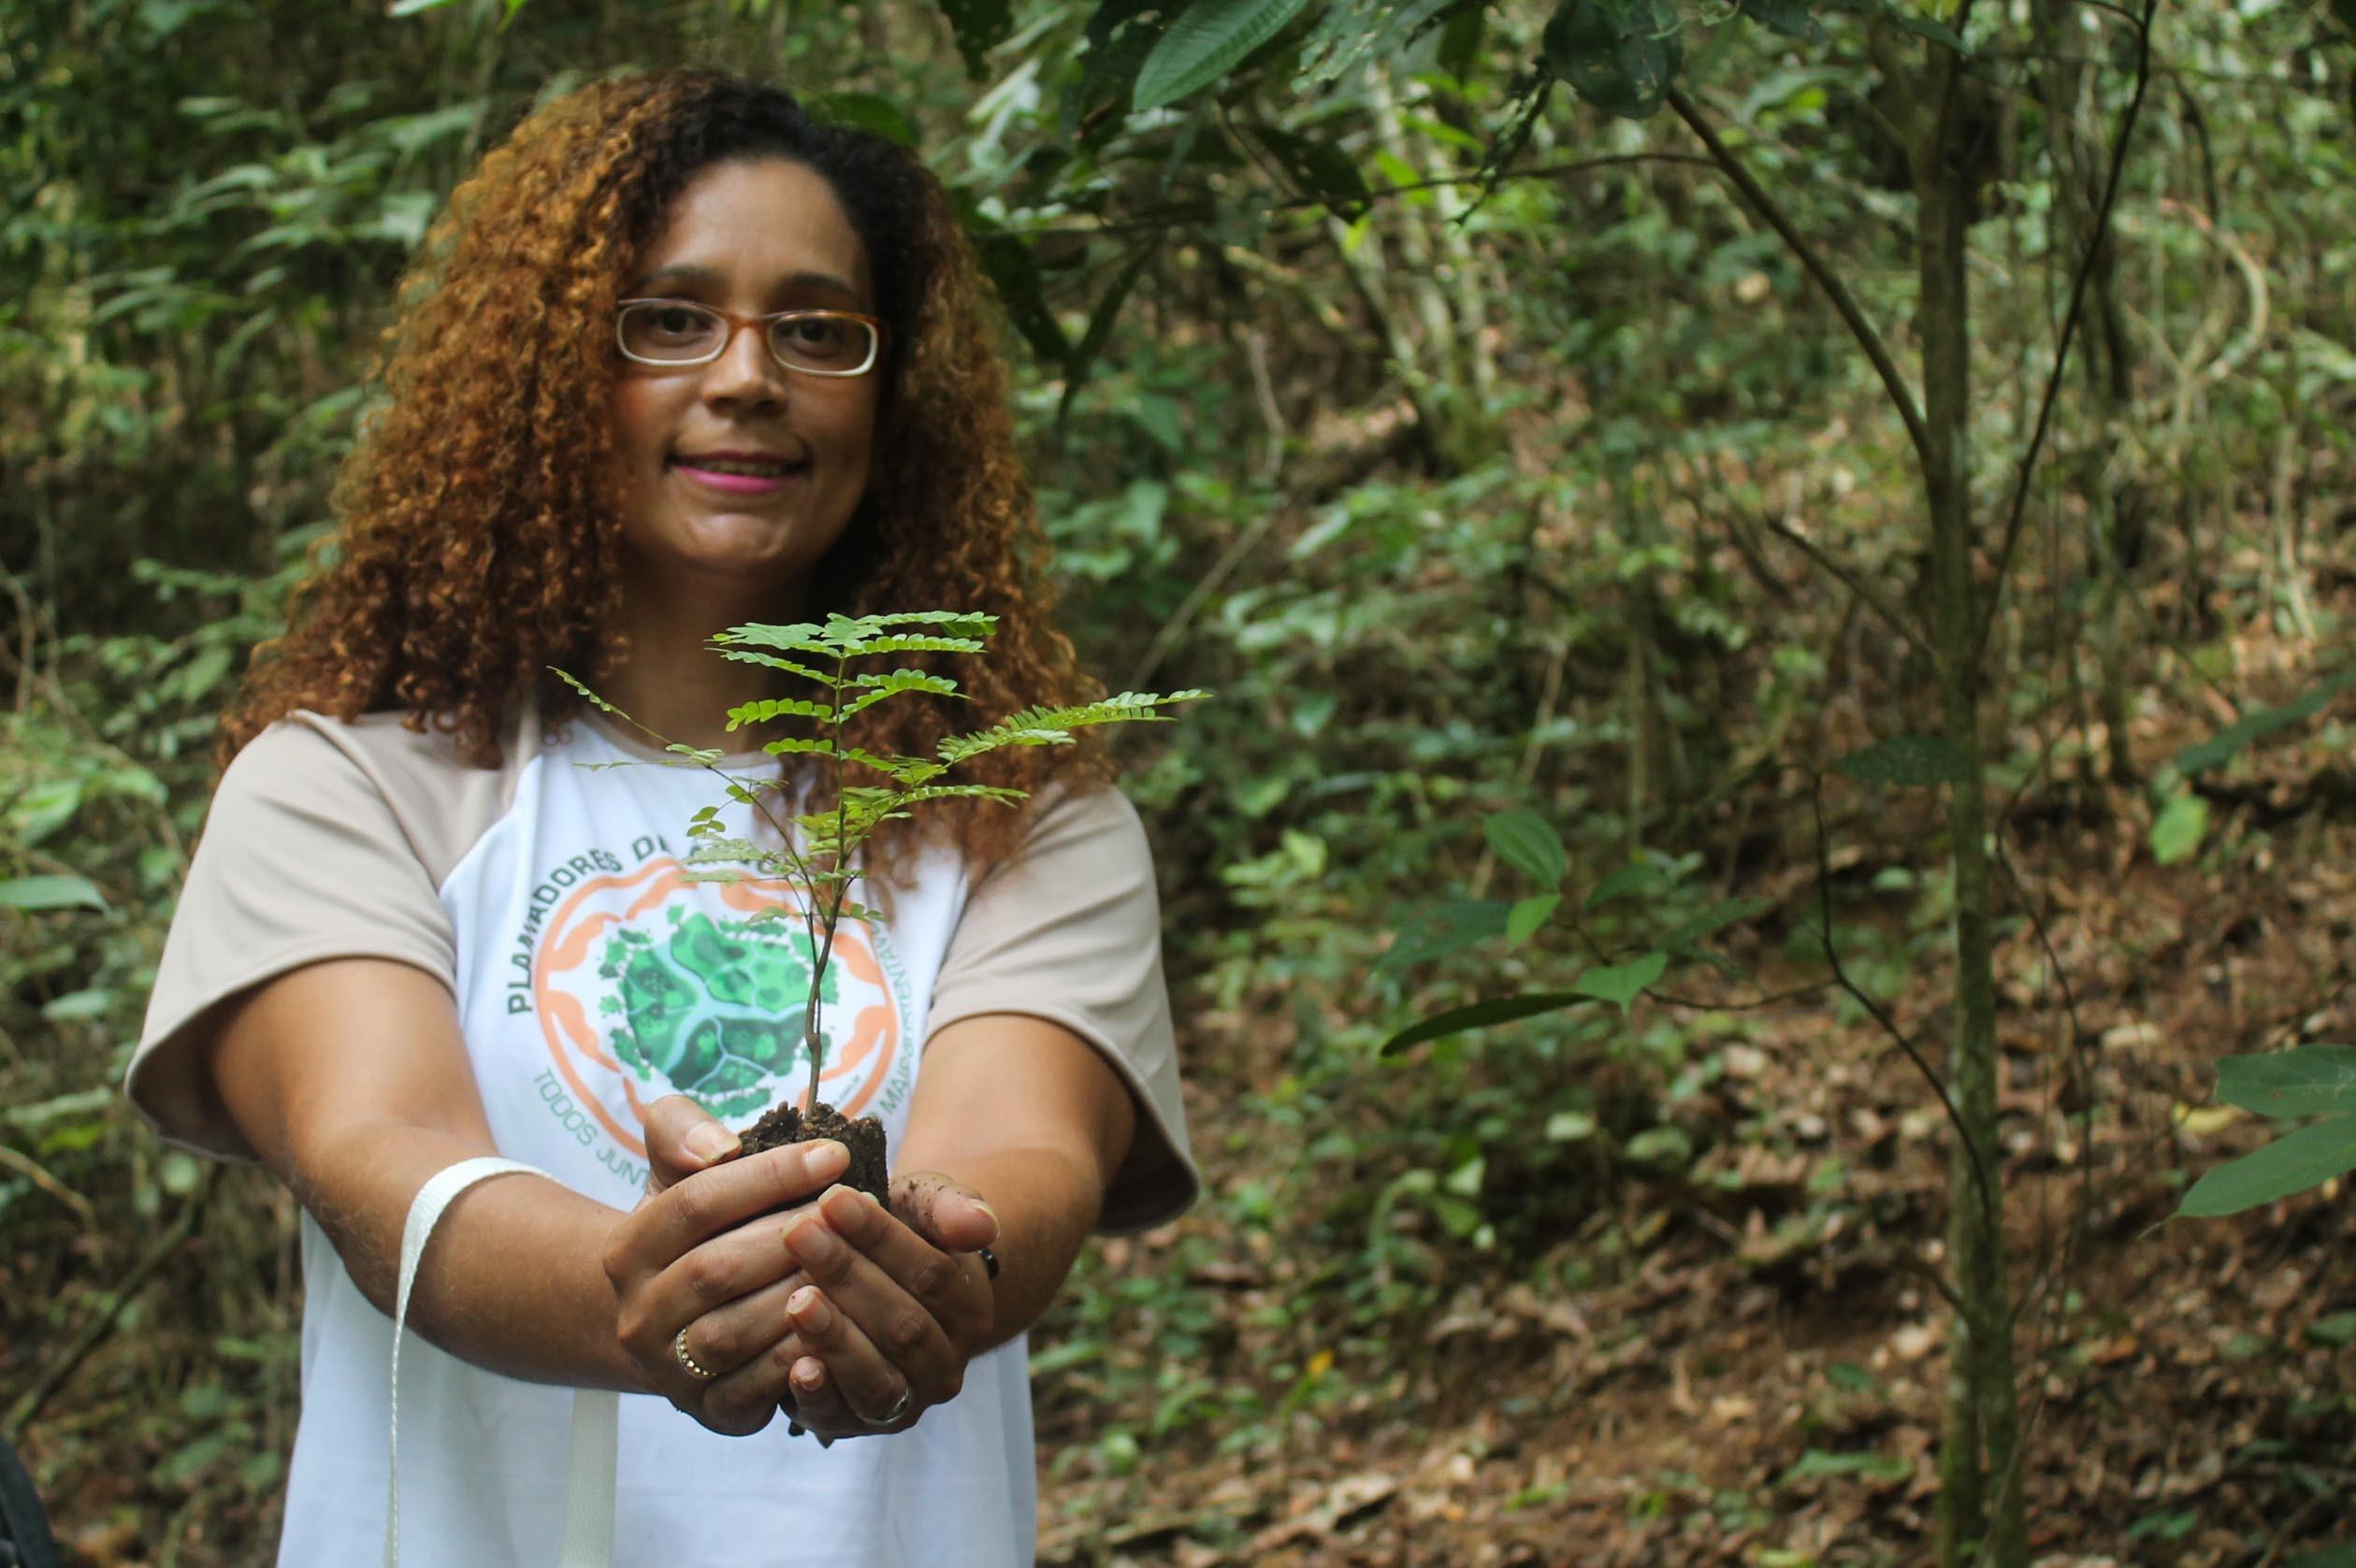 Voluntários participam de ações sustentáveis em Nova Friburgo